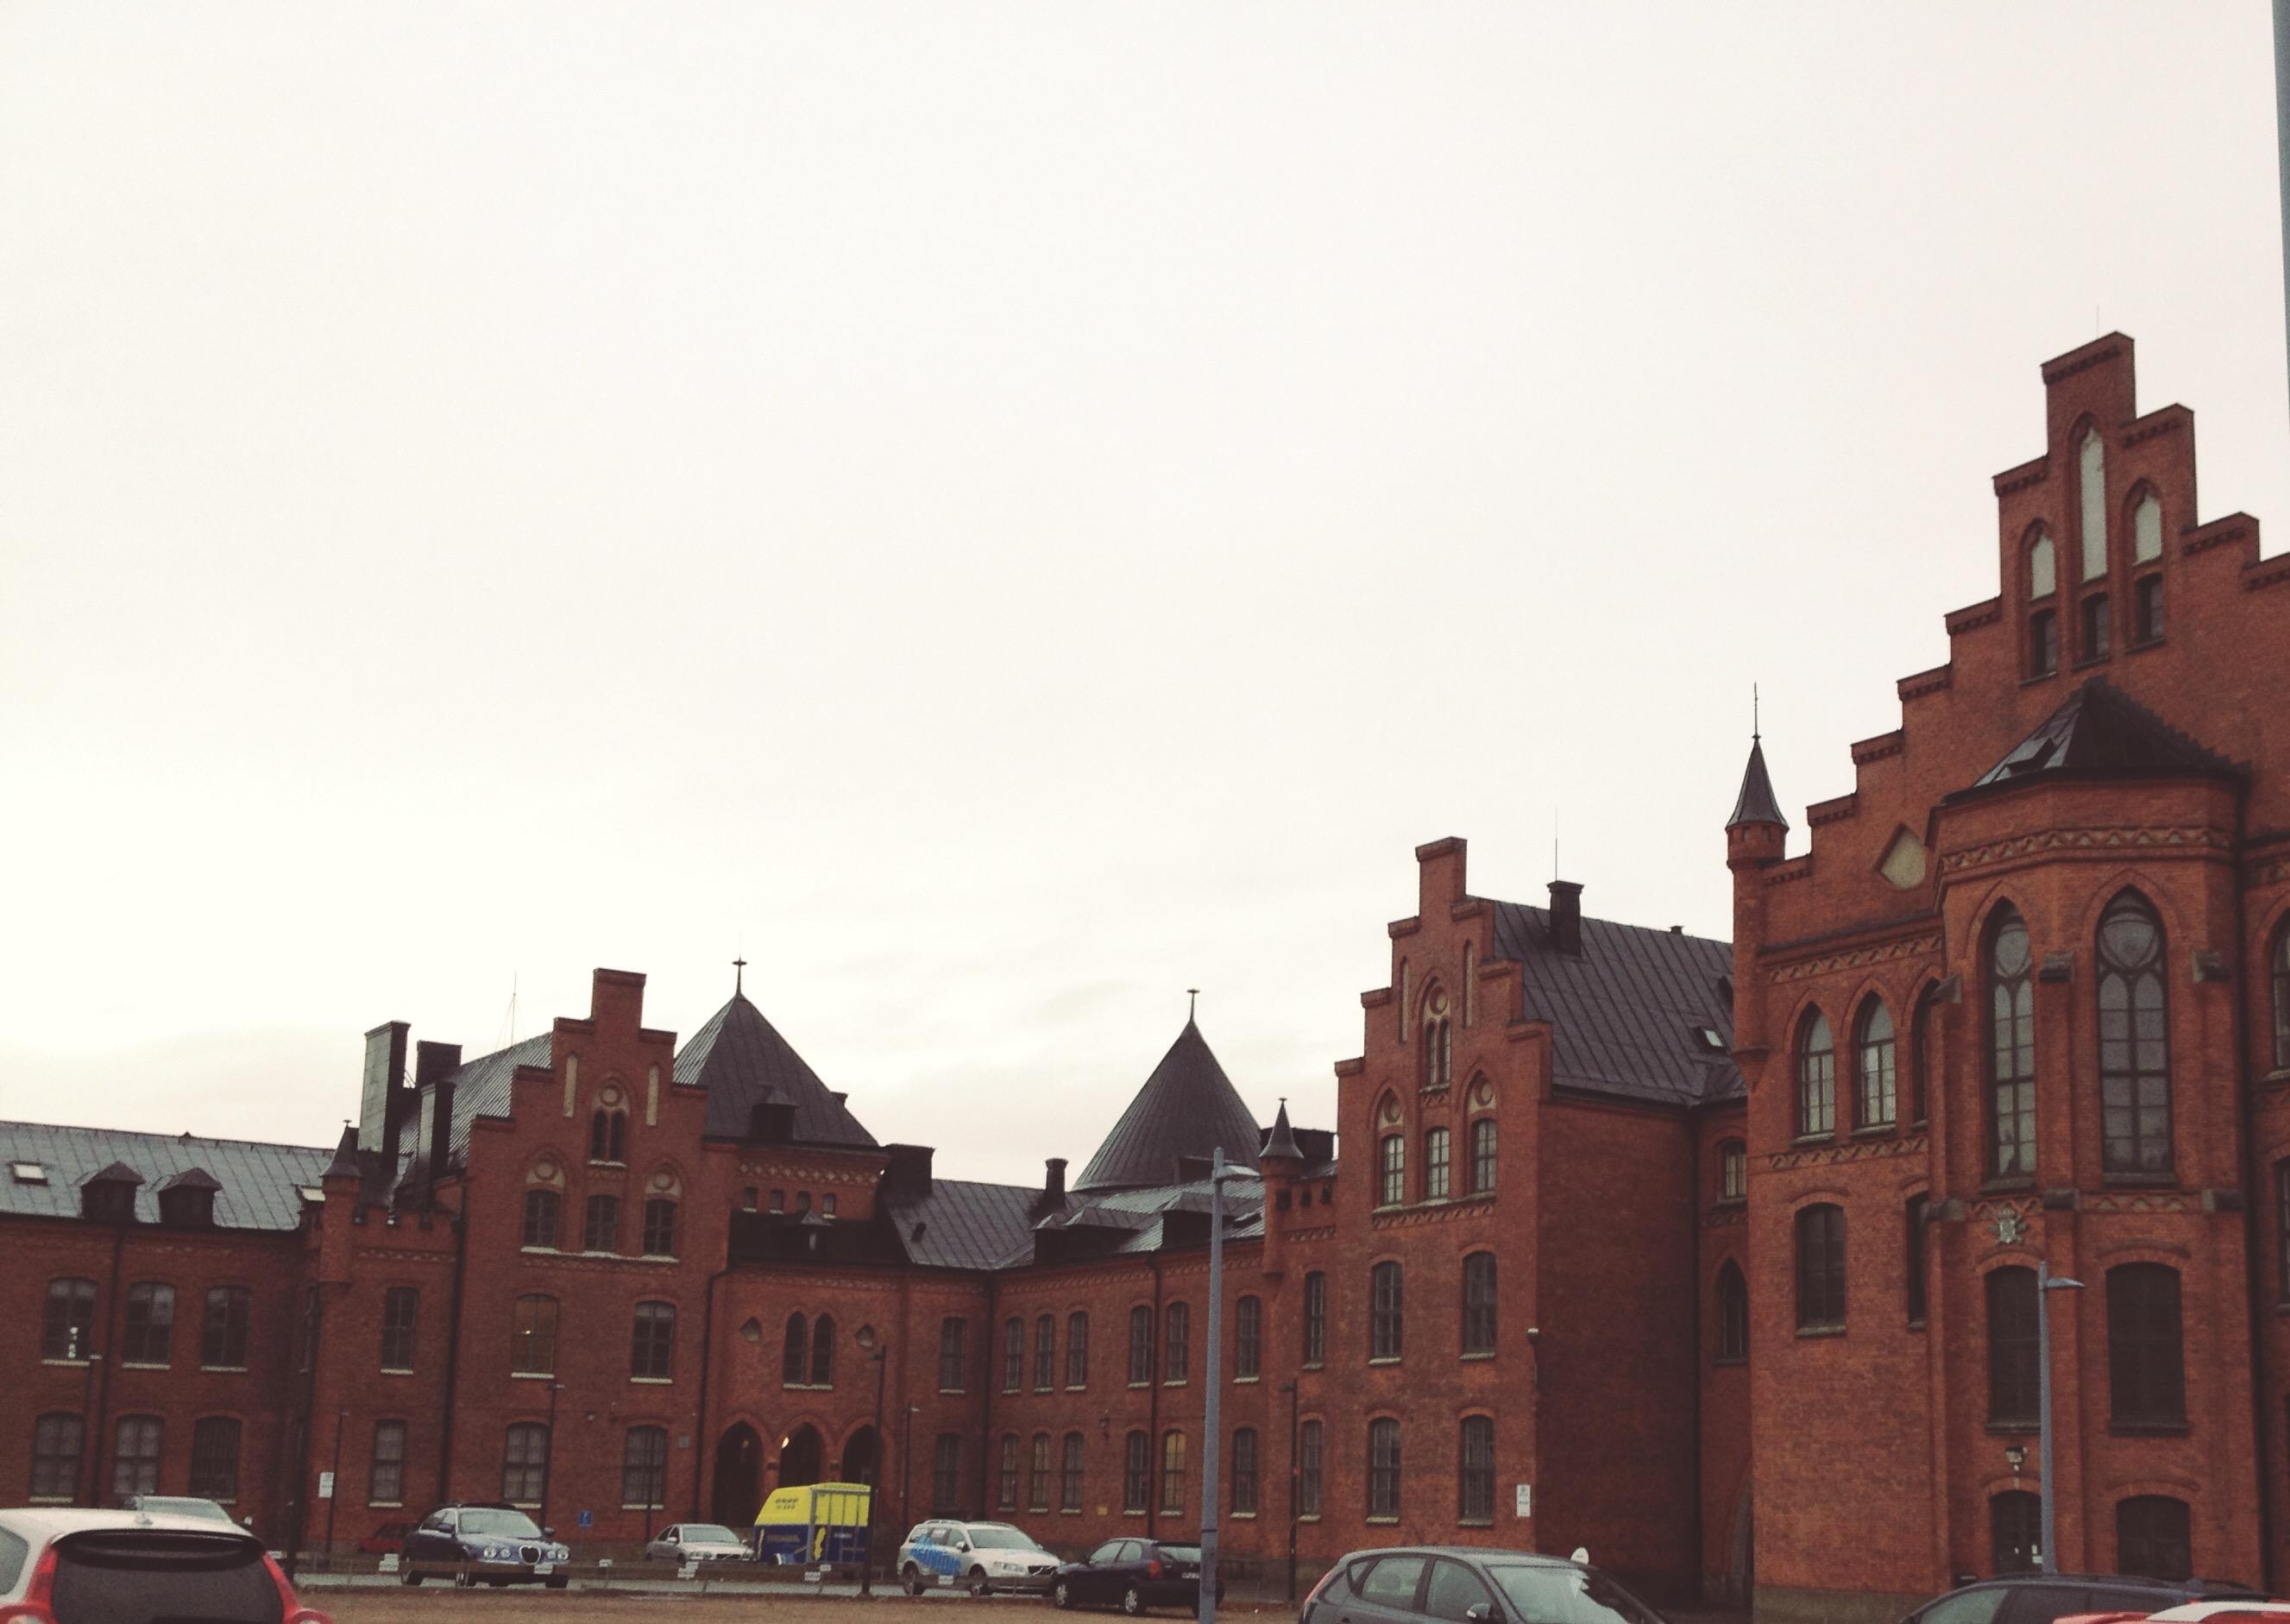 Fryshuset – Danslokal, graffiti och studio